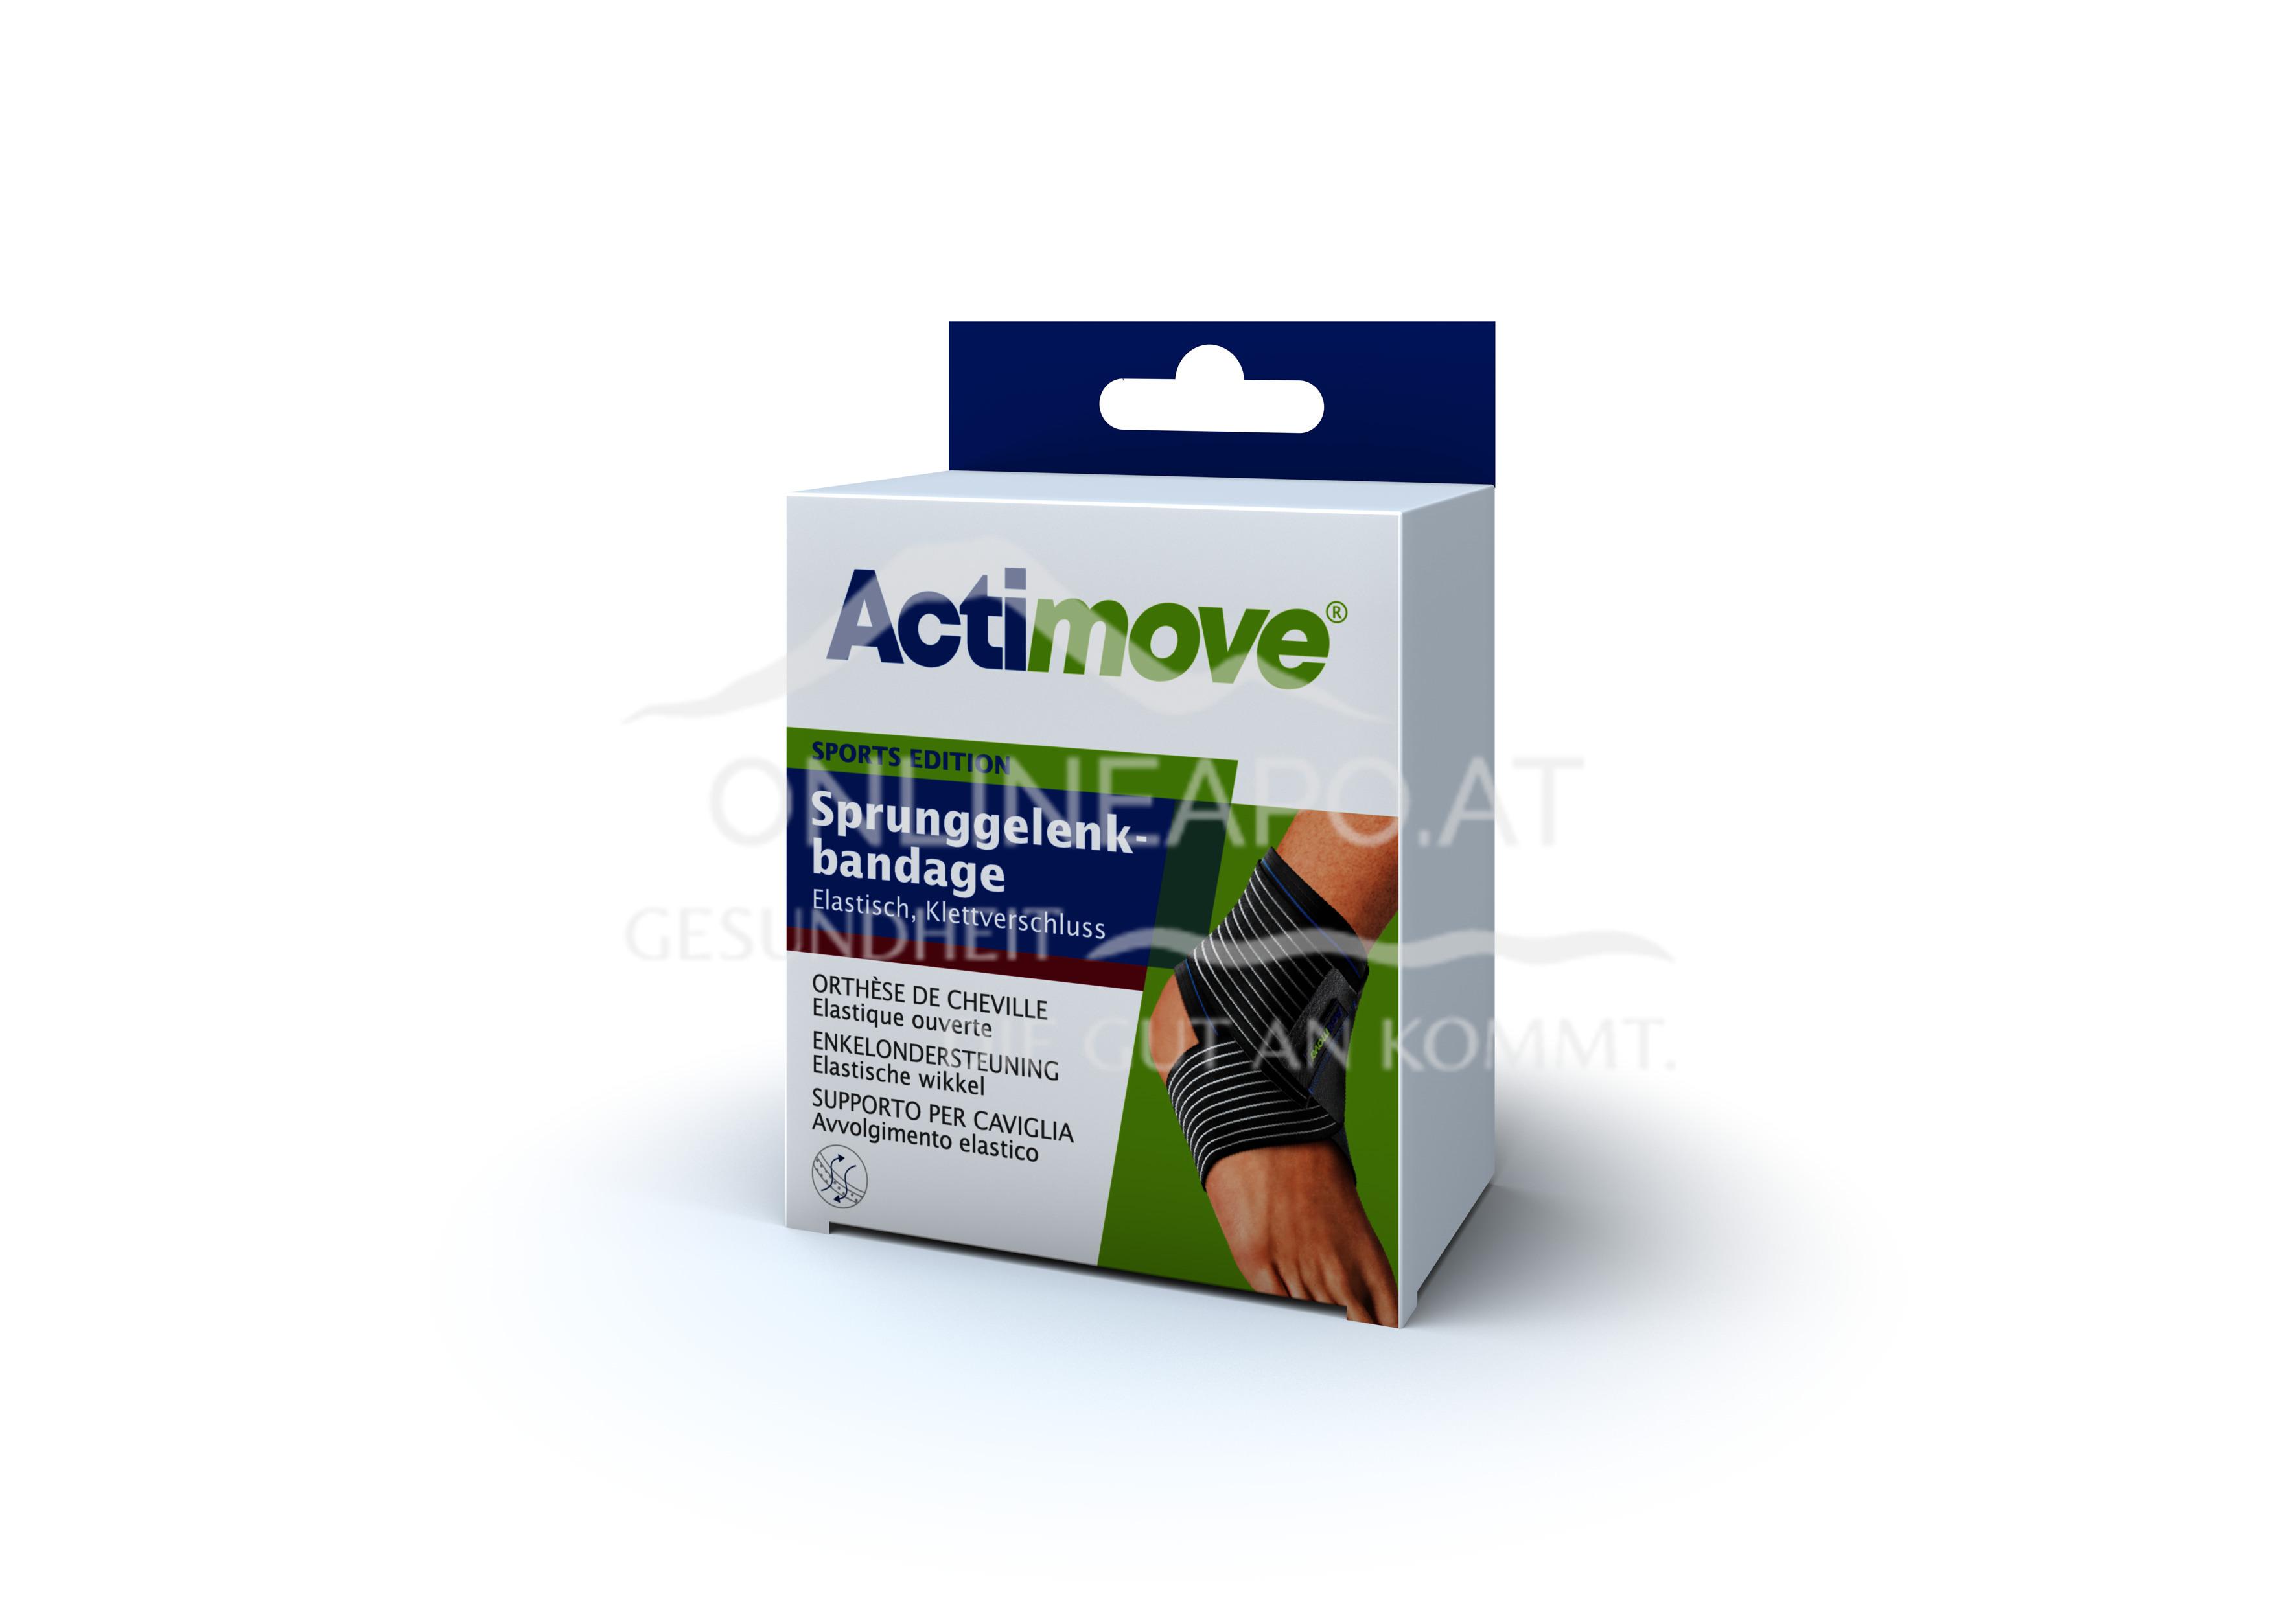 Actimove® Sport Edition Sprunggelenkbandage Elastisch, Klettverschluss Größe M